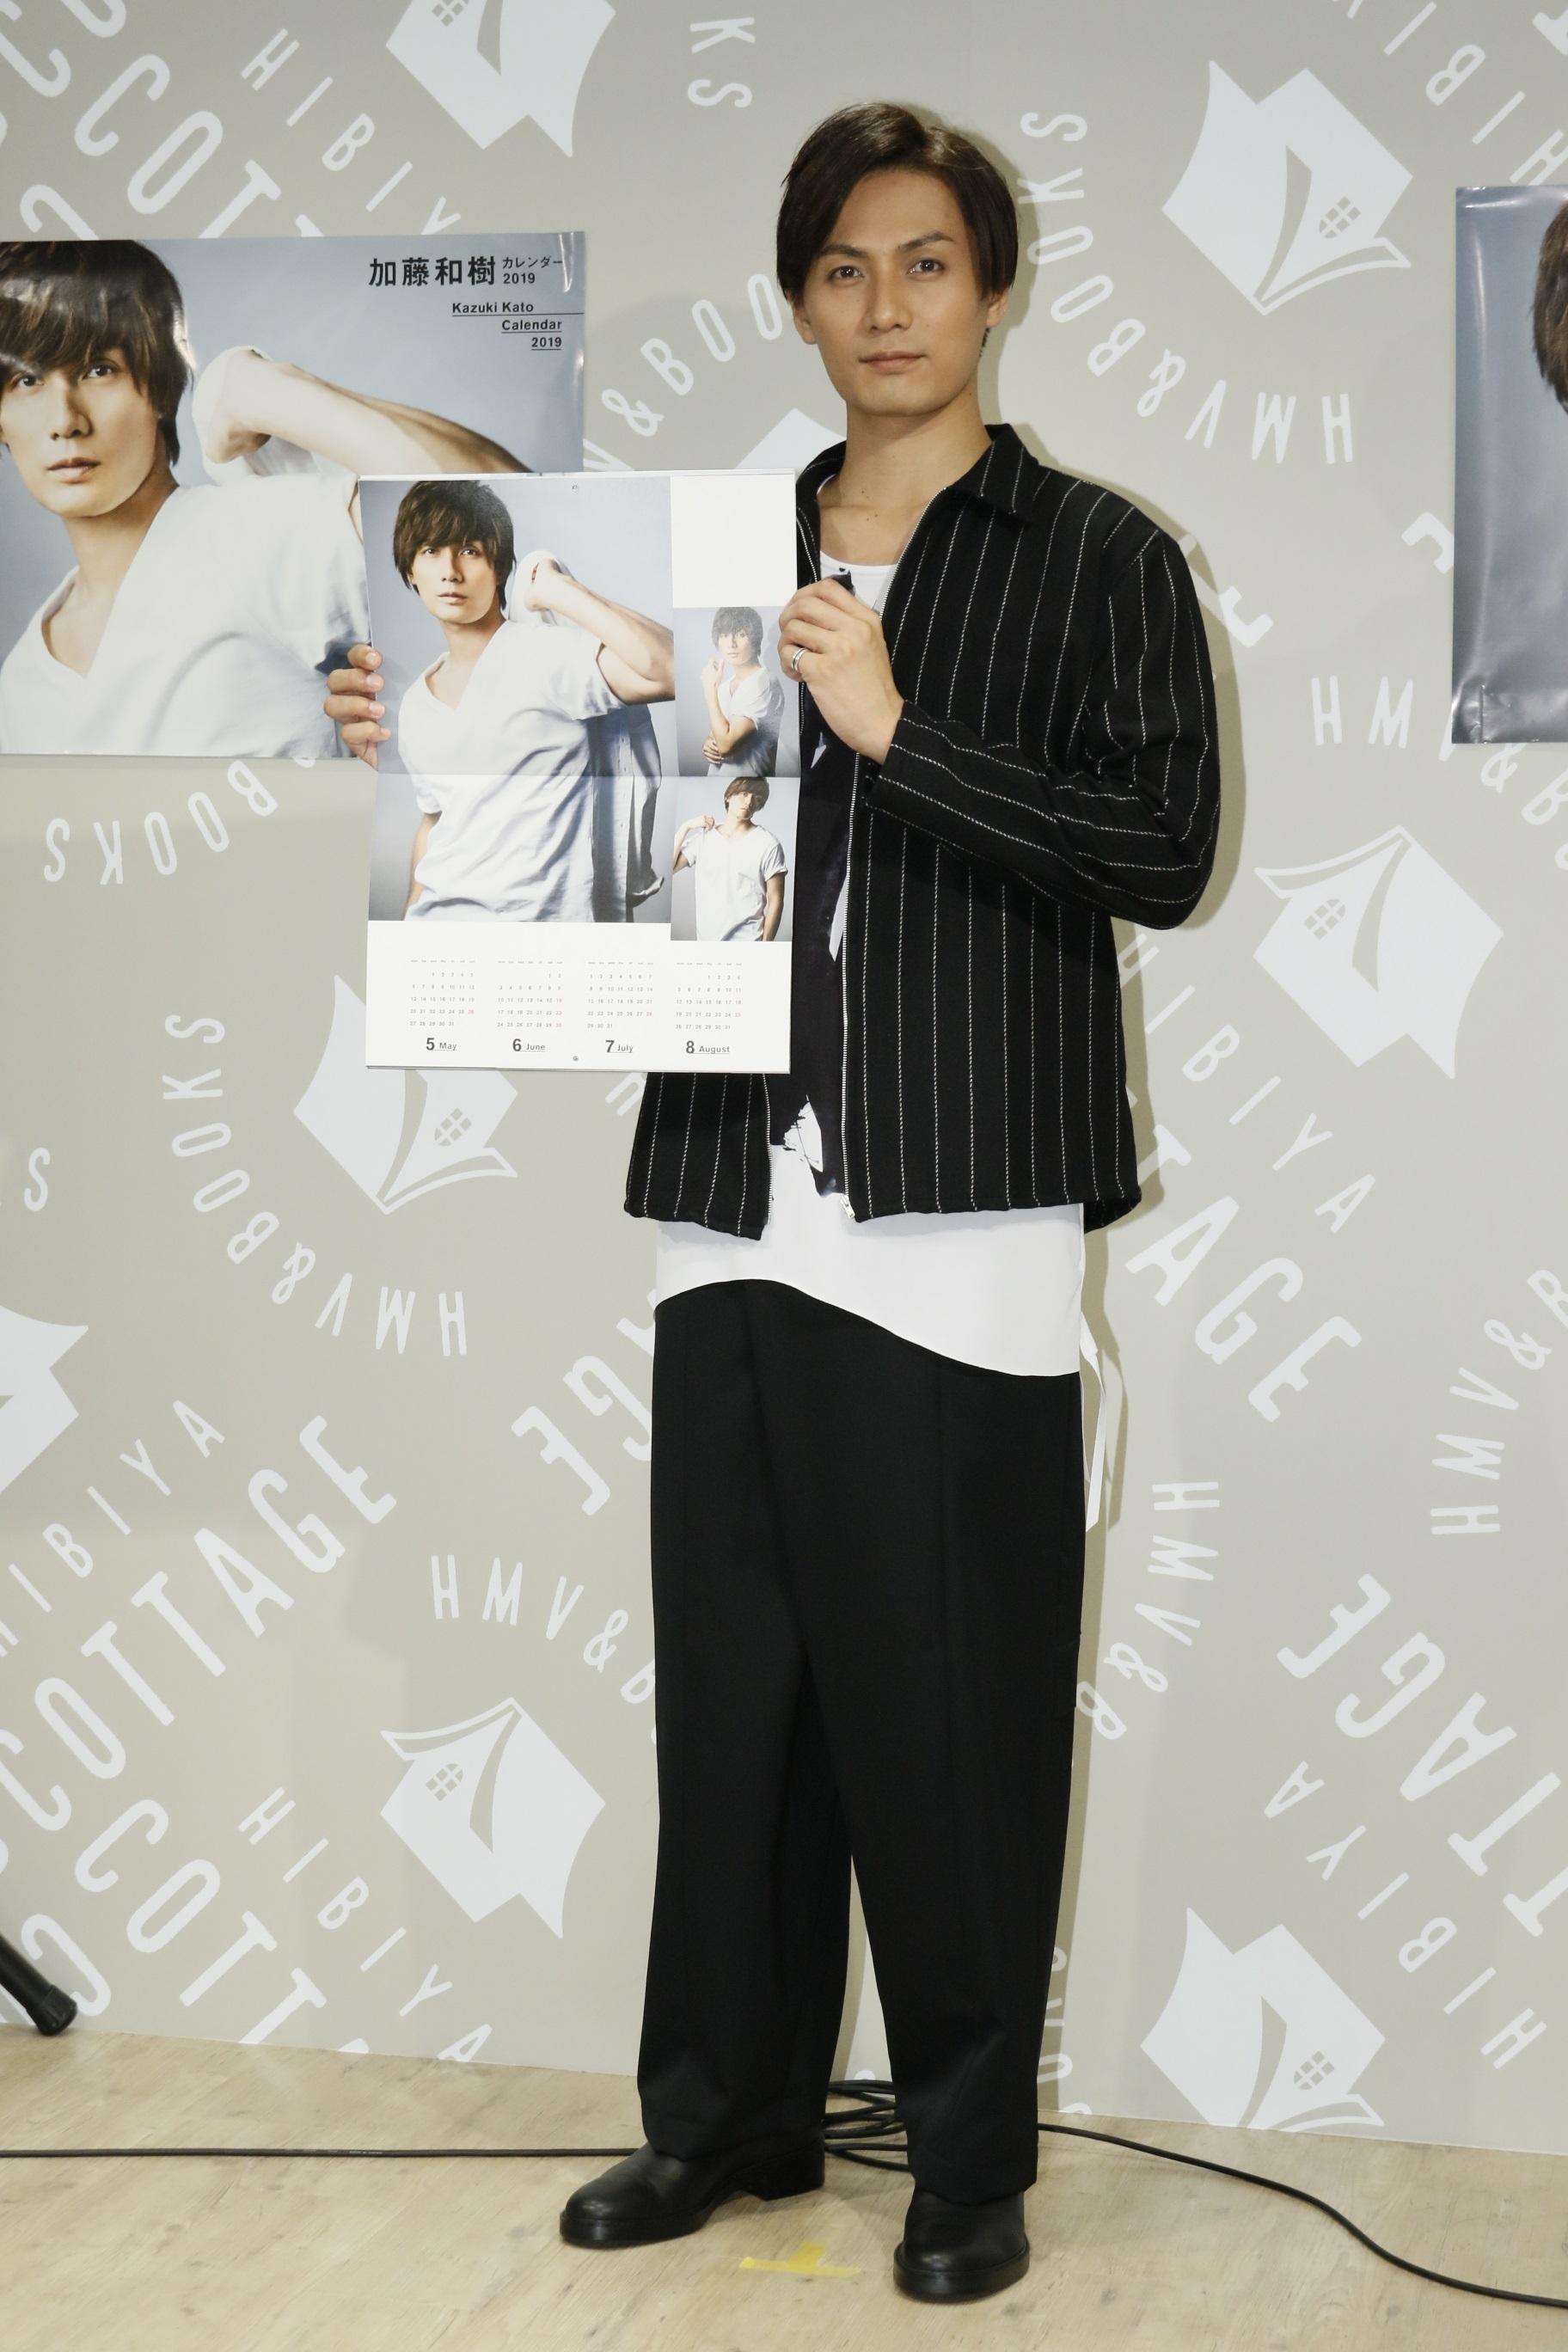 『加藤和樹カレンダー2019』(東京ニュース通信社刊)